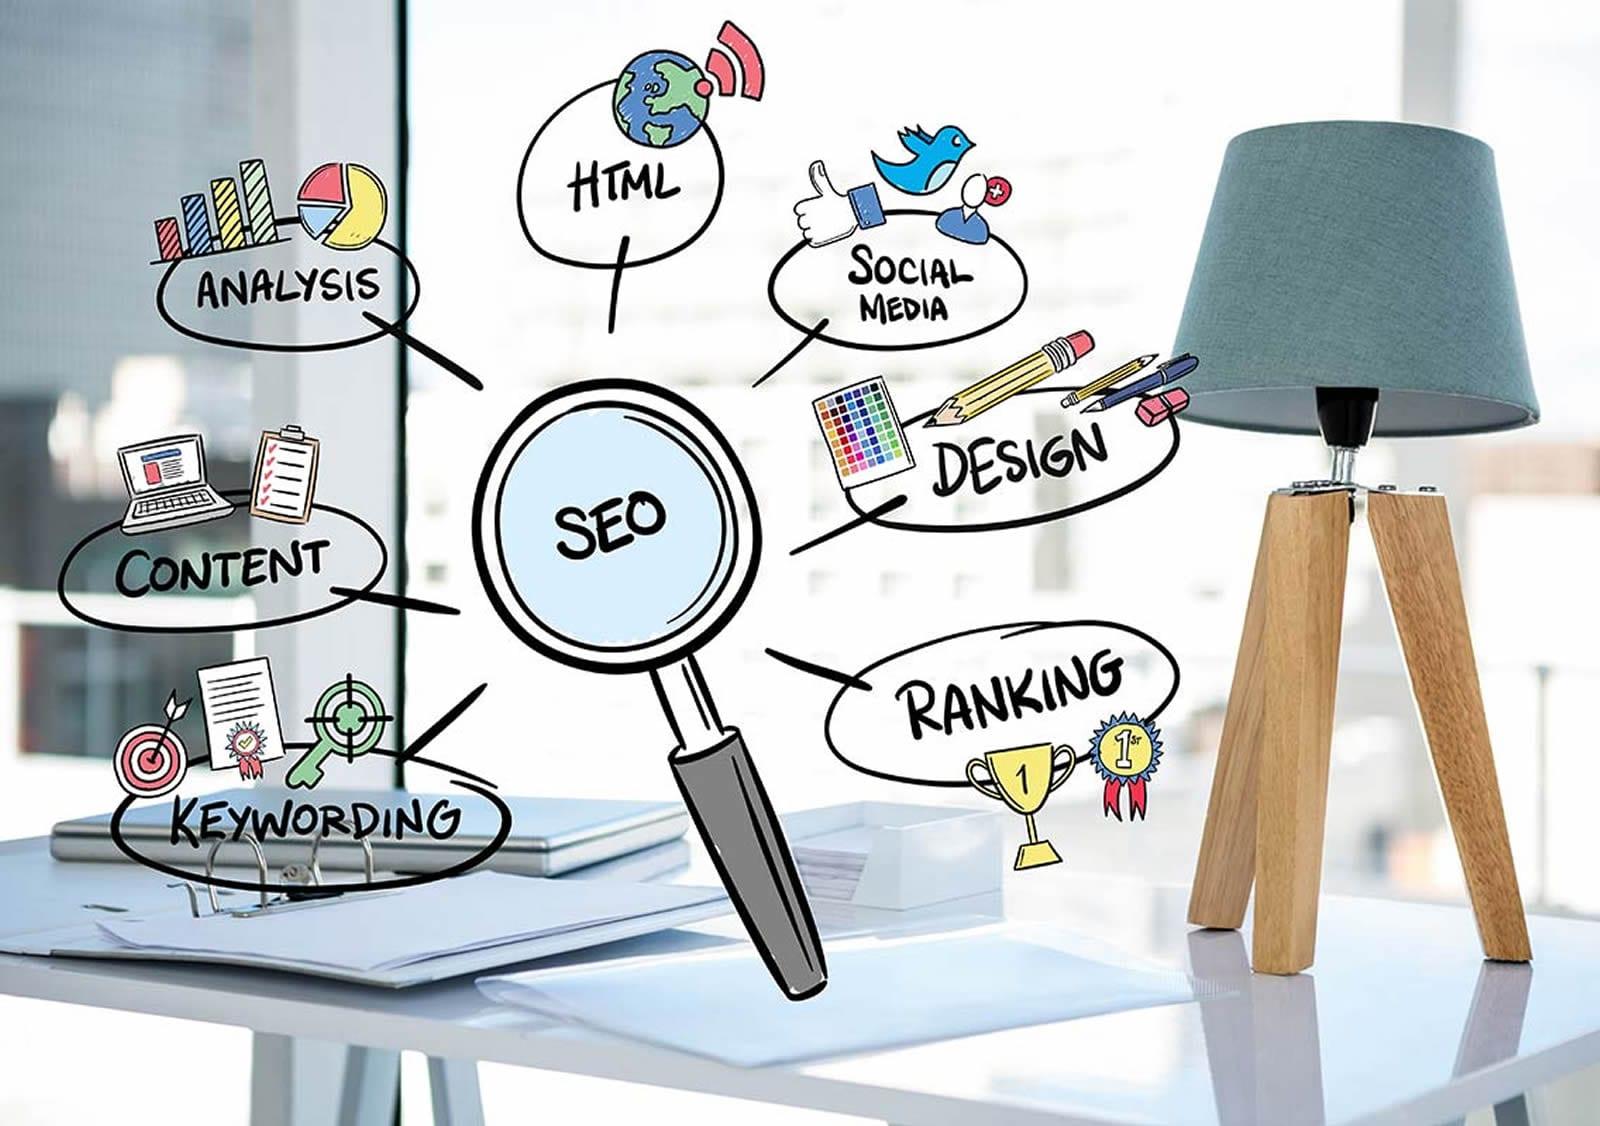 Agência de Criação - Belo Horizonte | Agência de Marketing Digital em BH - Serviço Otimização de Sites - SEO - Melhorar posicionamento do Google